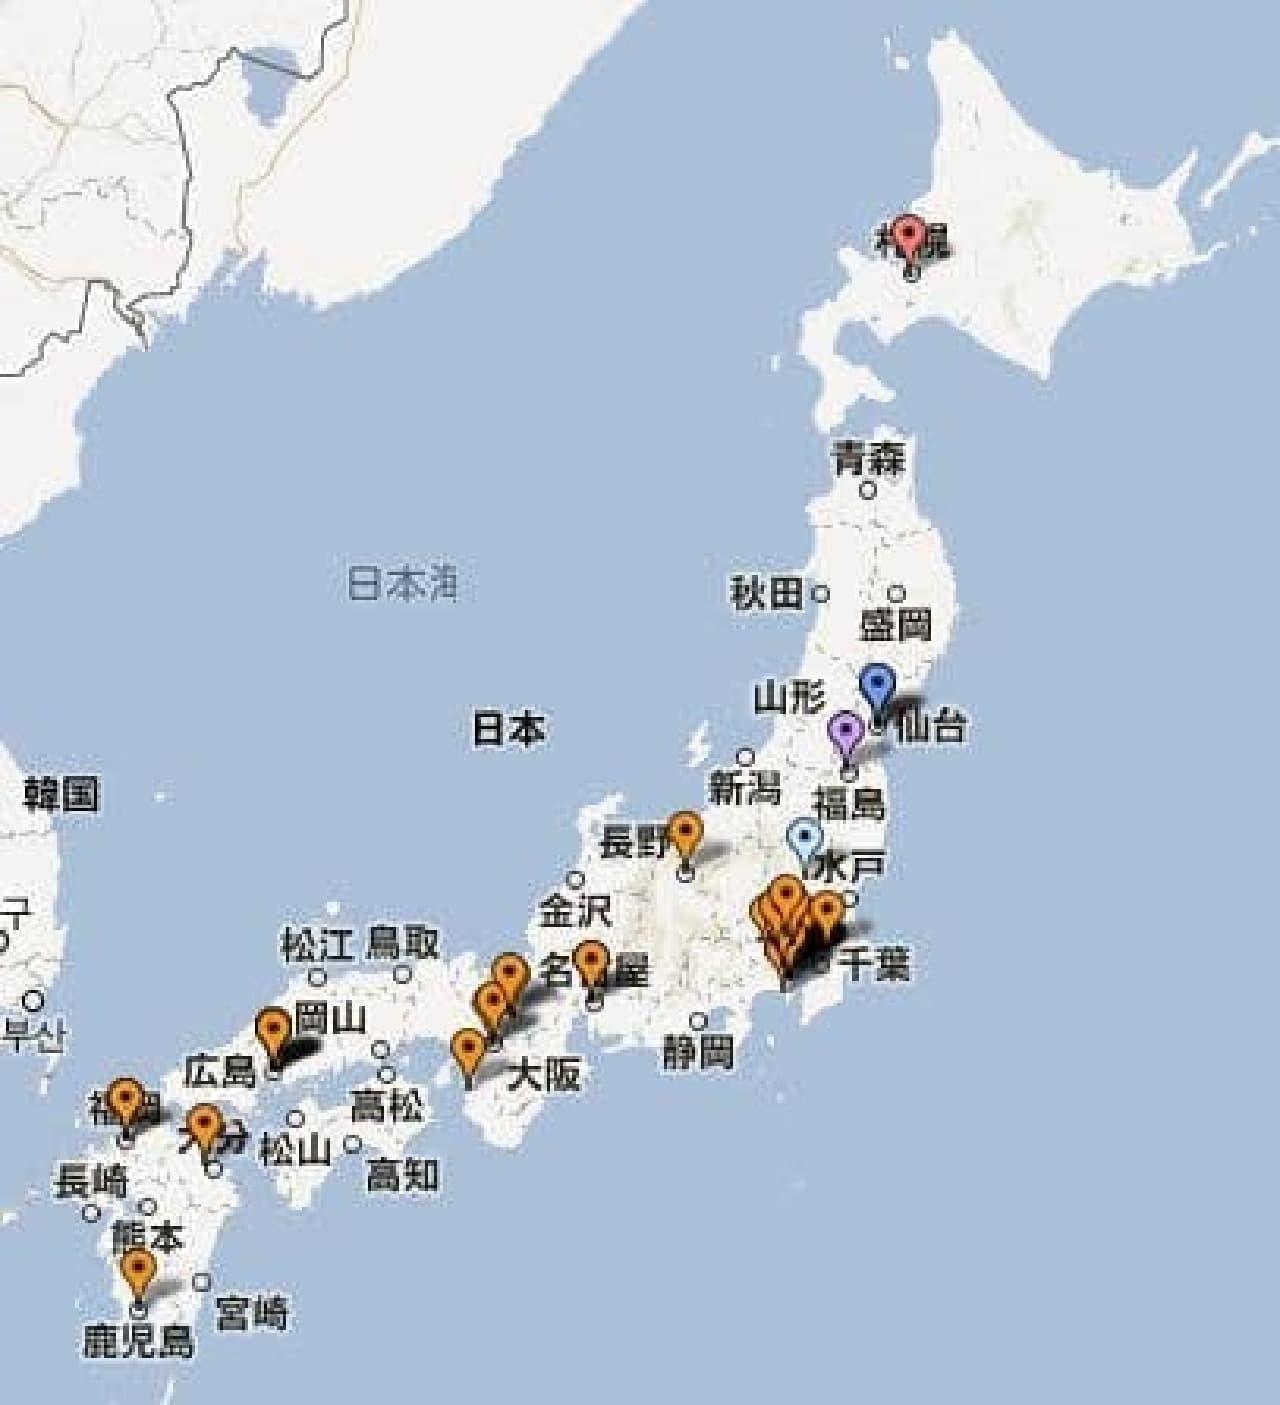 対象店舗マップ(クリックで飛べます)